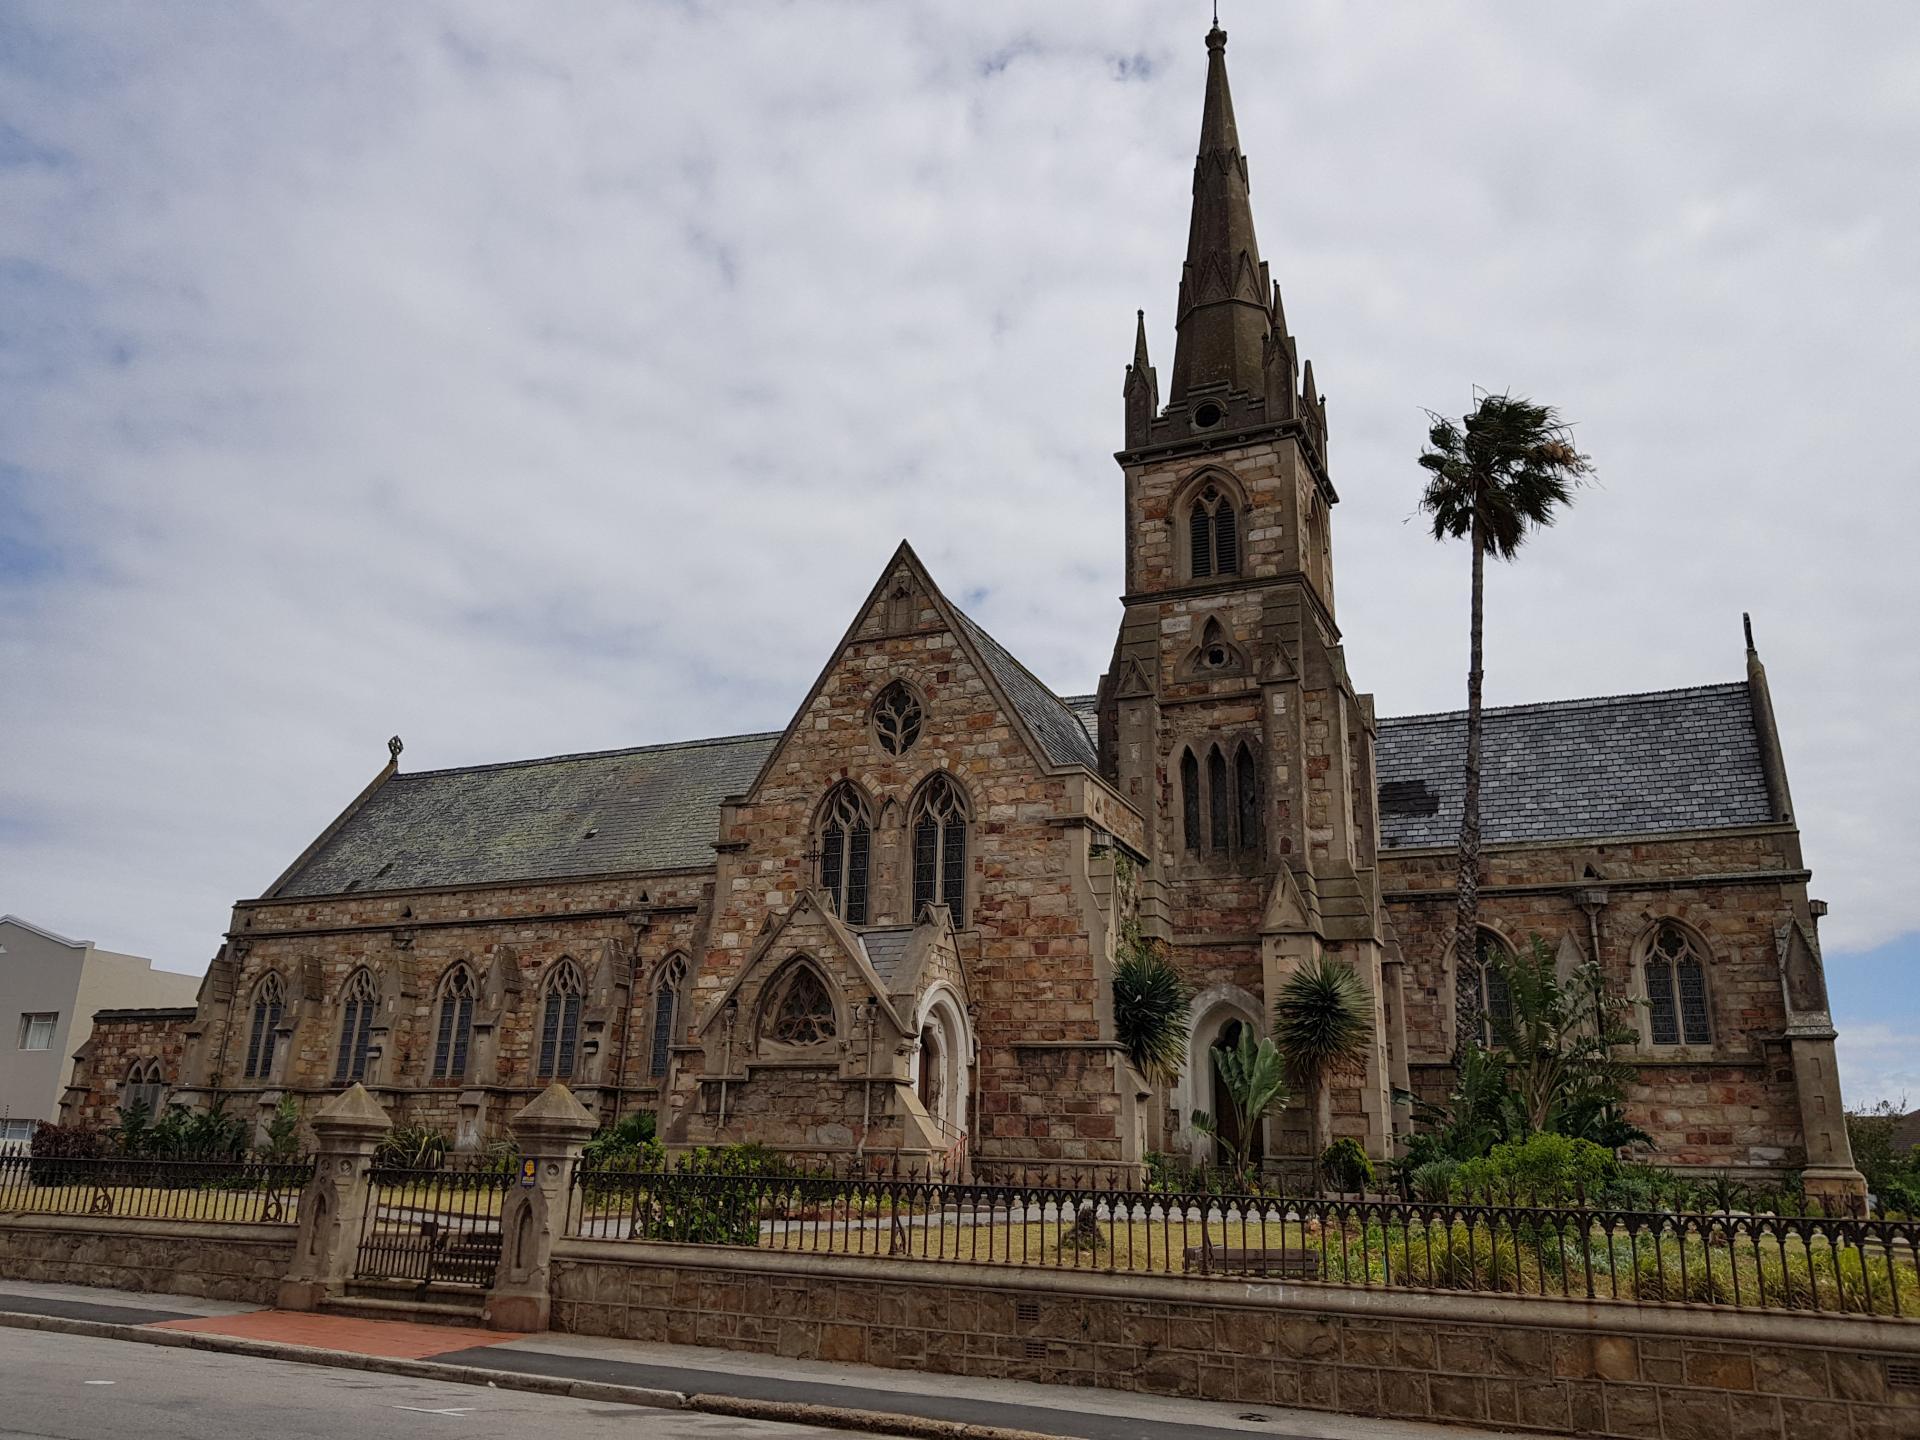 Пресвитерианская церковь, Порт-Элизабет